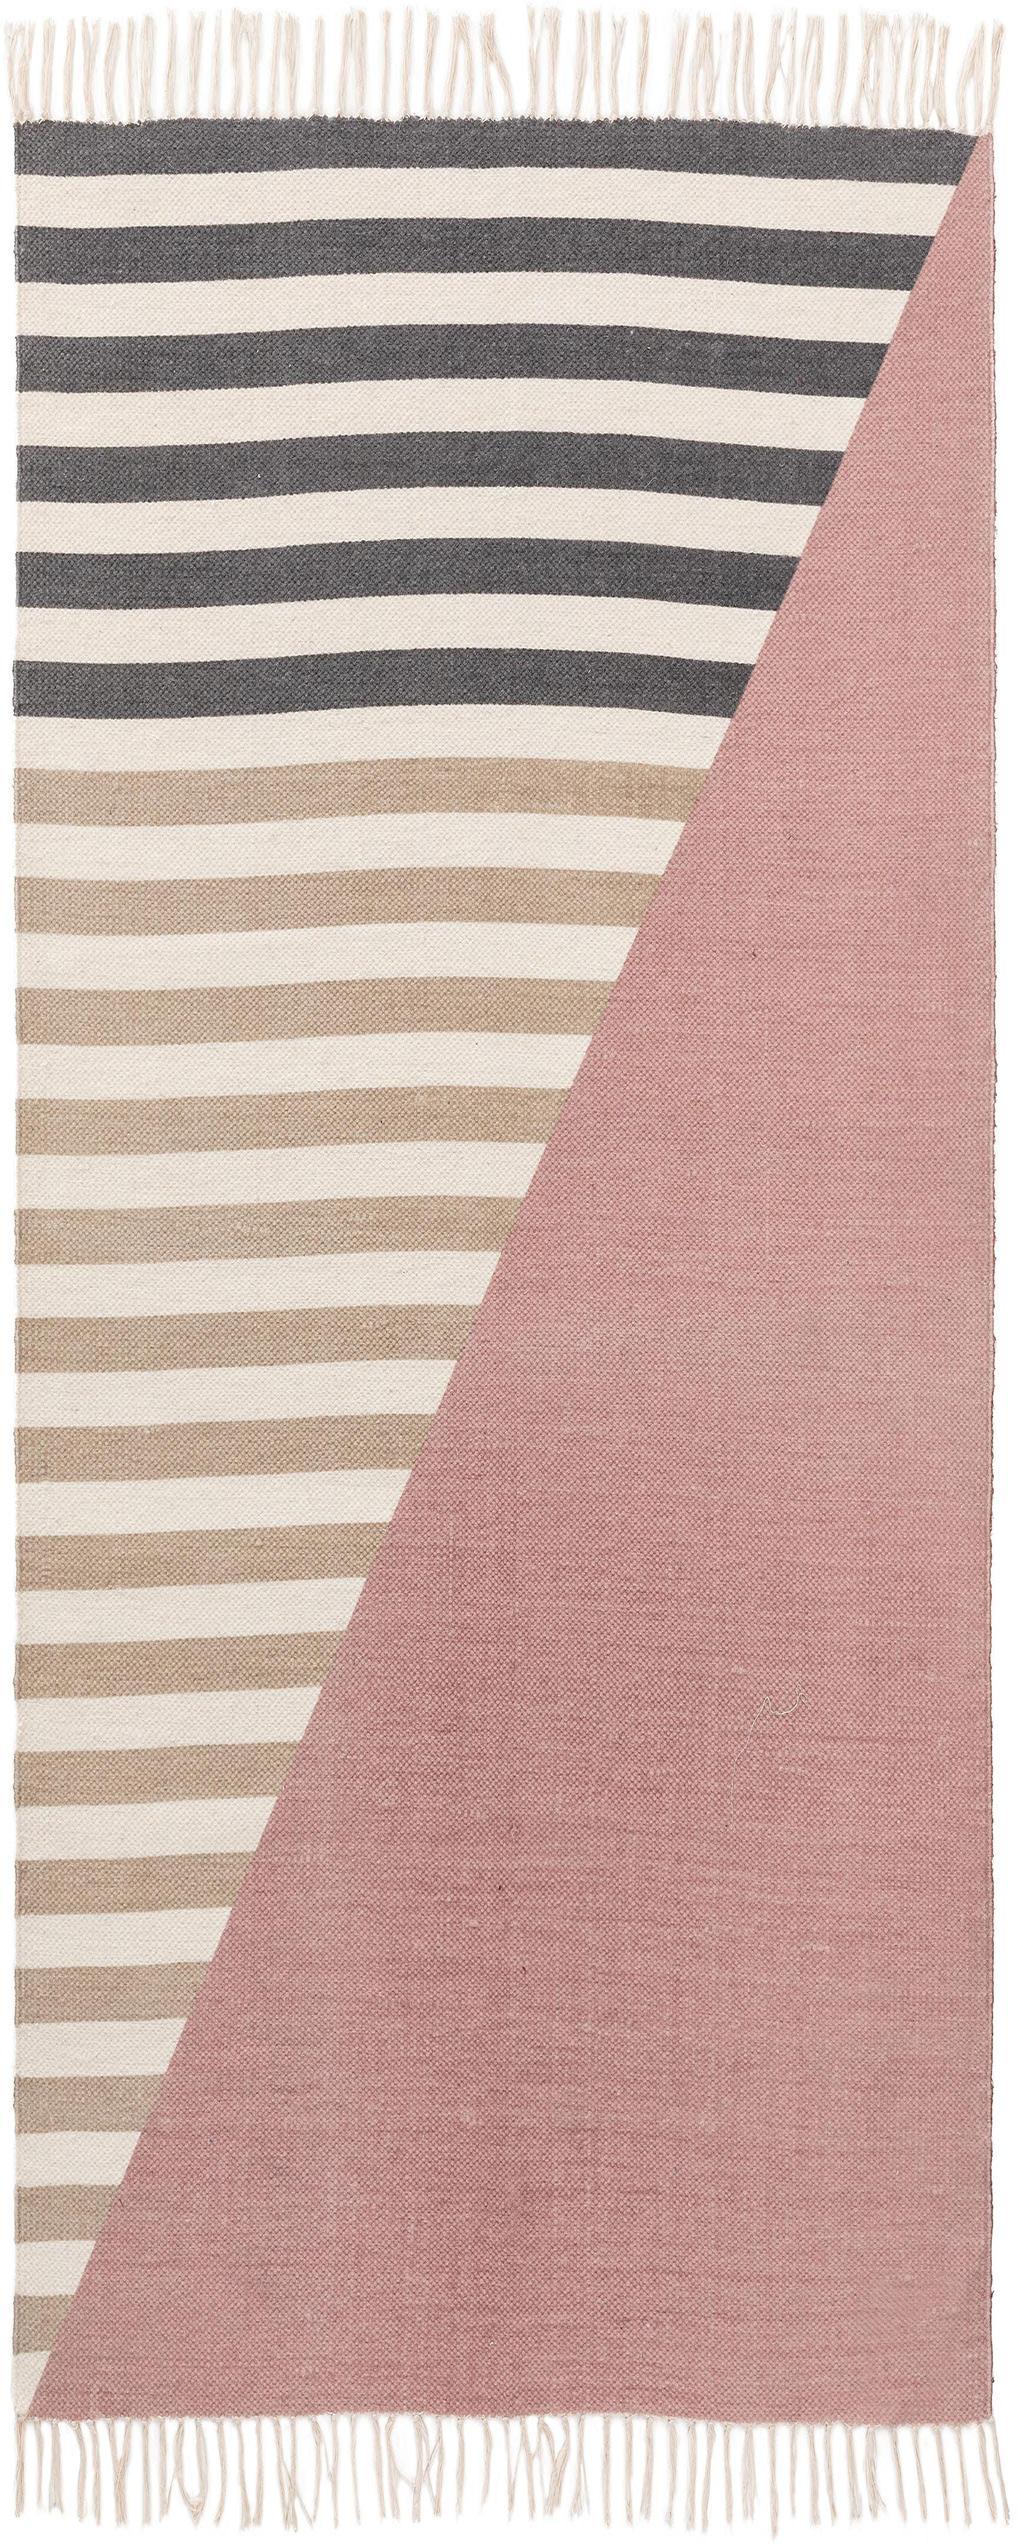 Wollteppich Oasis mit Streifen und Fransen, 100% Wolle, Rosa, Beige, Taupe, B 60 x L 120 cm (Größe XS)